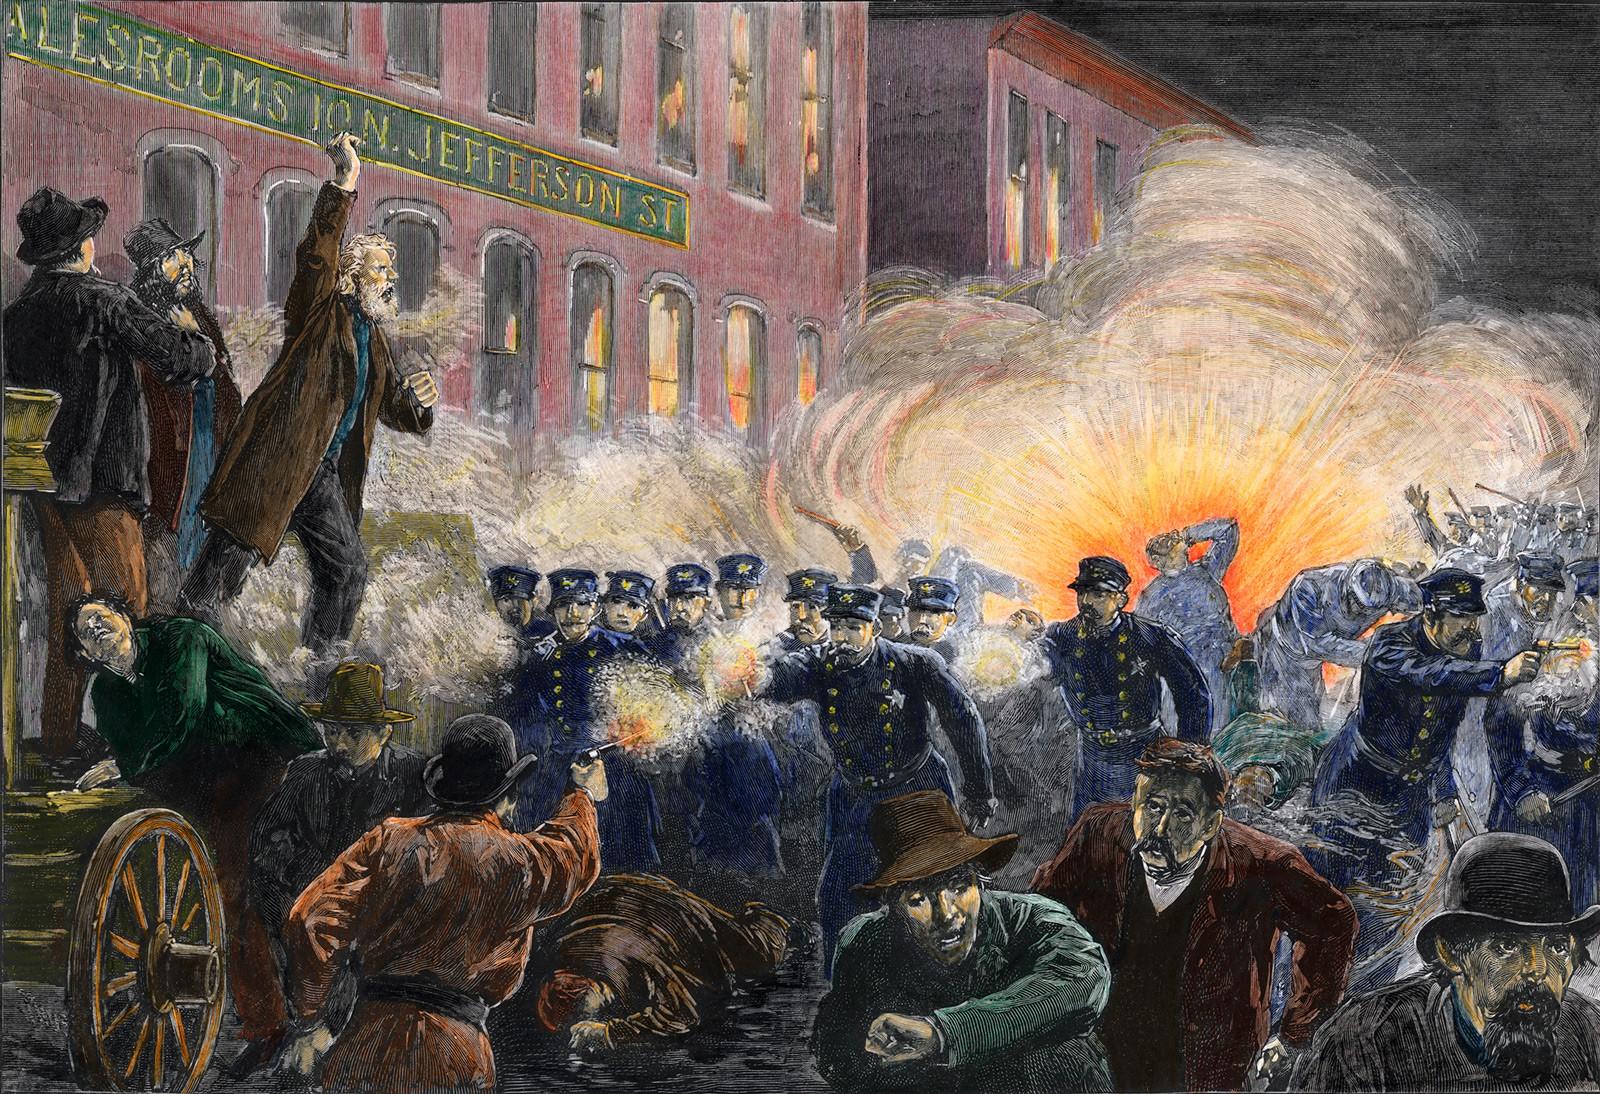 Kerusuhan Haymarket membuat marah gerakan buruh internasional, membuat kaum buruh semakin bersemangat dan brutal demi memperjuangkan hak-hak mereka.